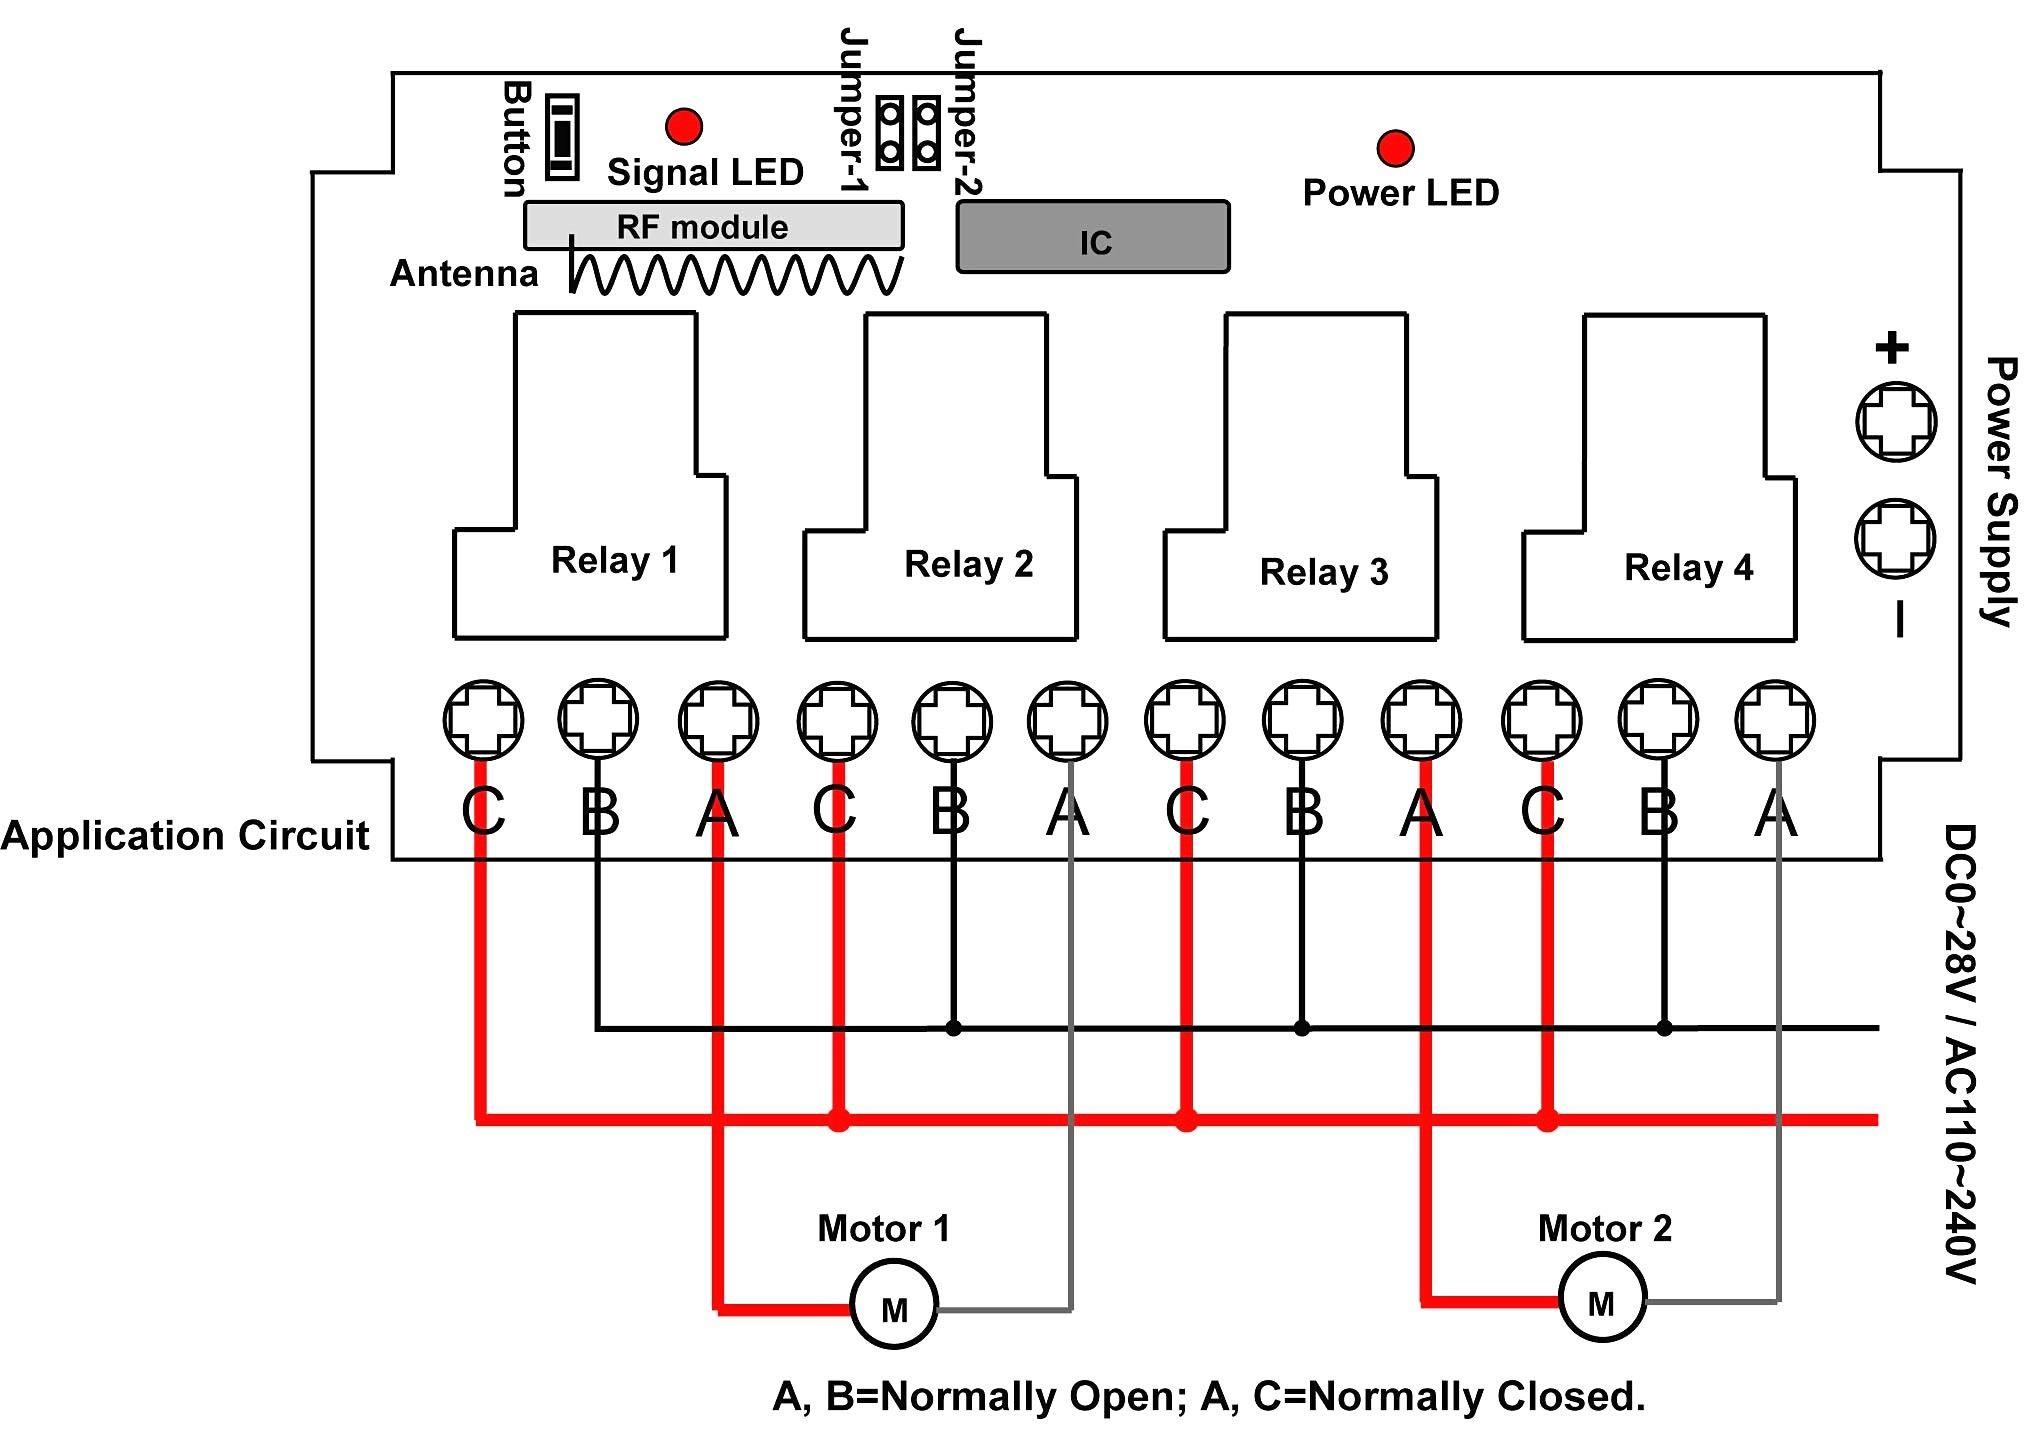 Chrysler 300 Radio Wiring Diagram Free Download